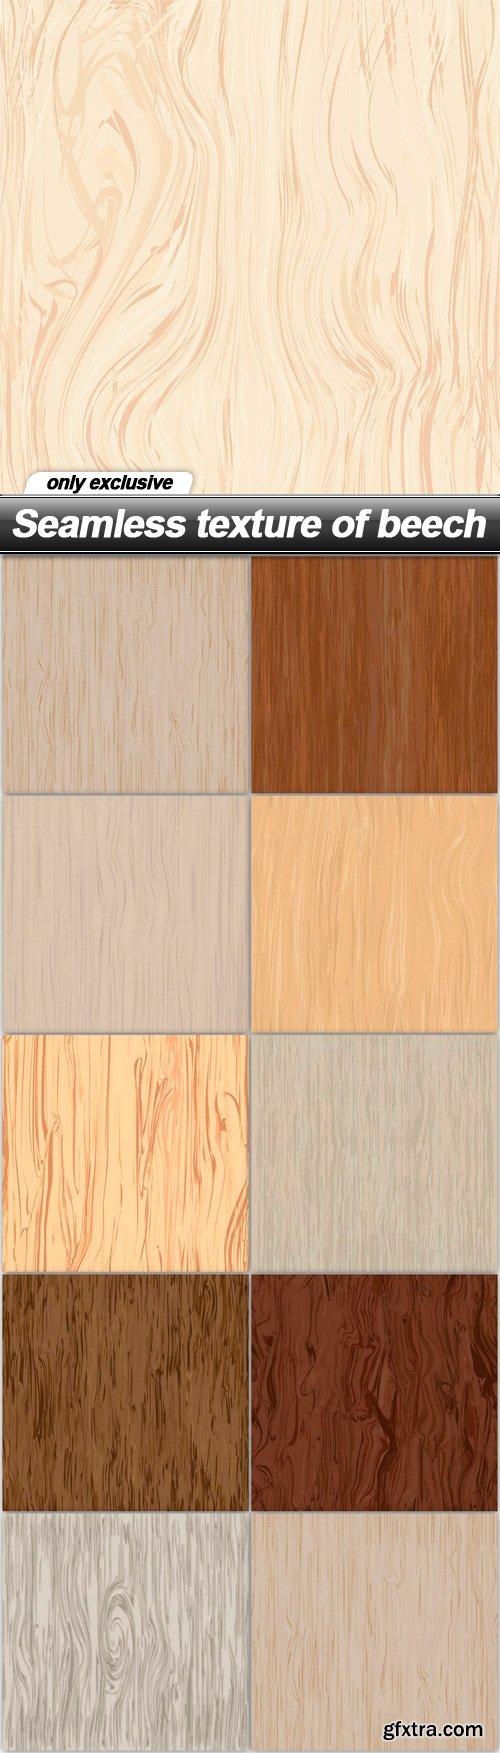 Seamless texture of beech - 10 EPS